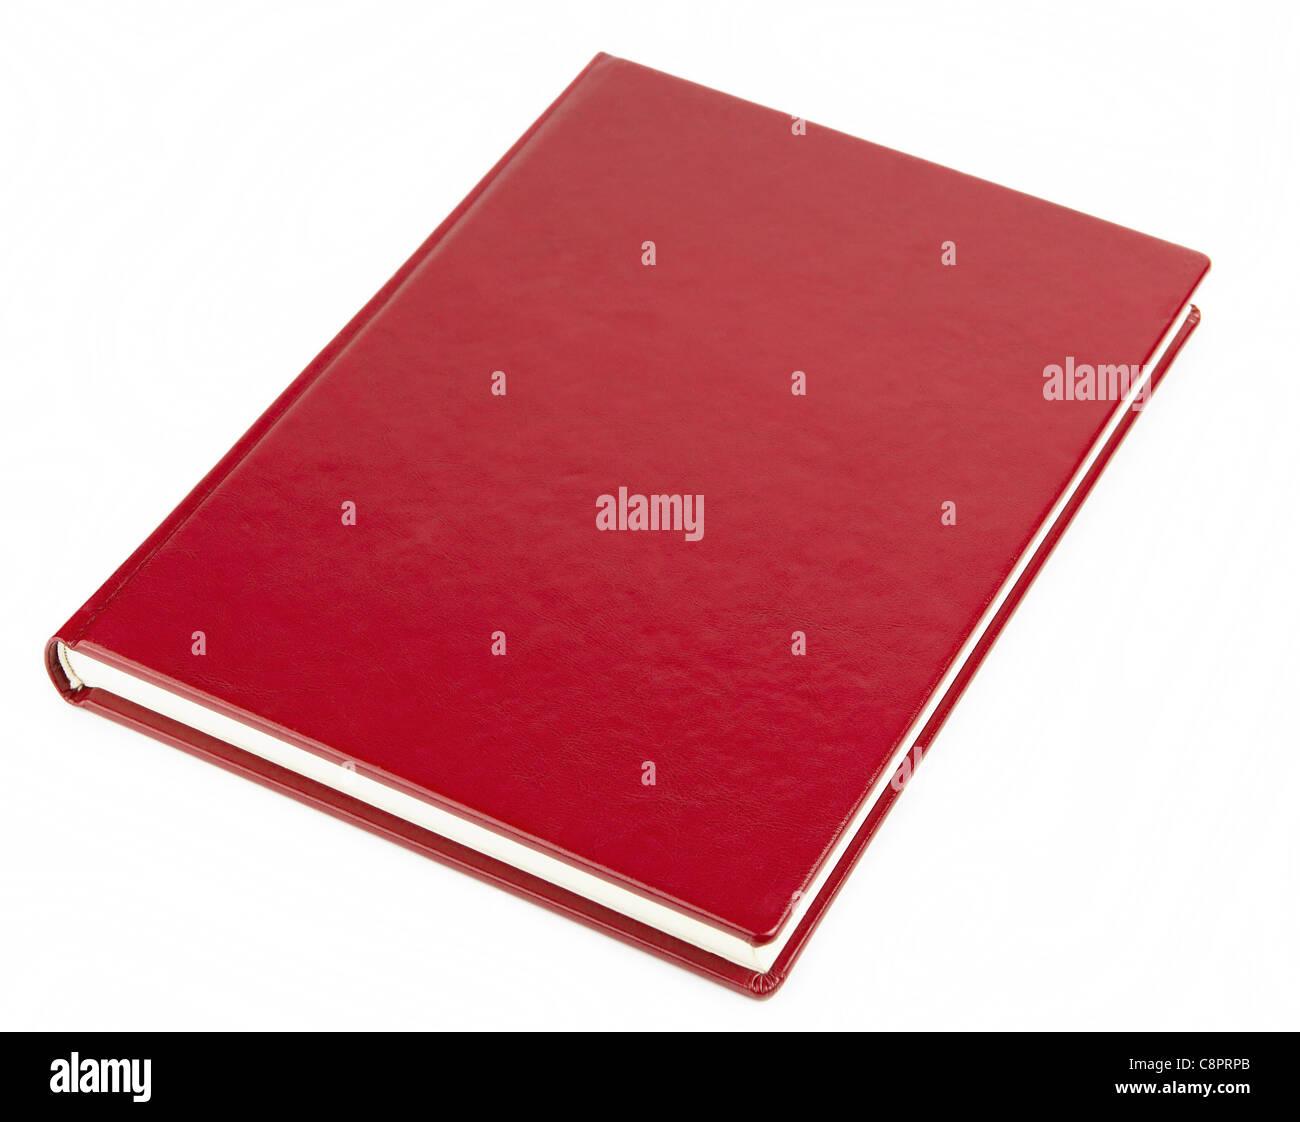 Portada del libro rojo en blanco Imagen De Stock